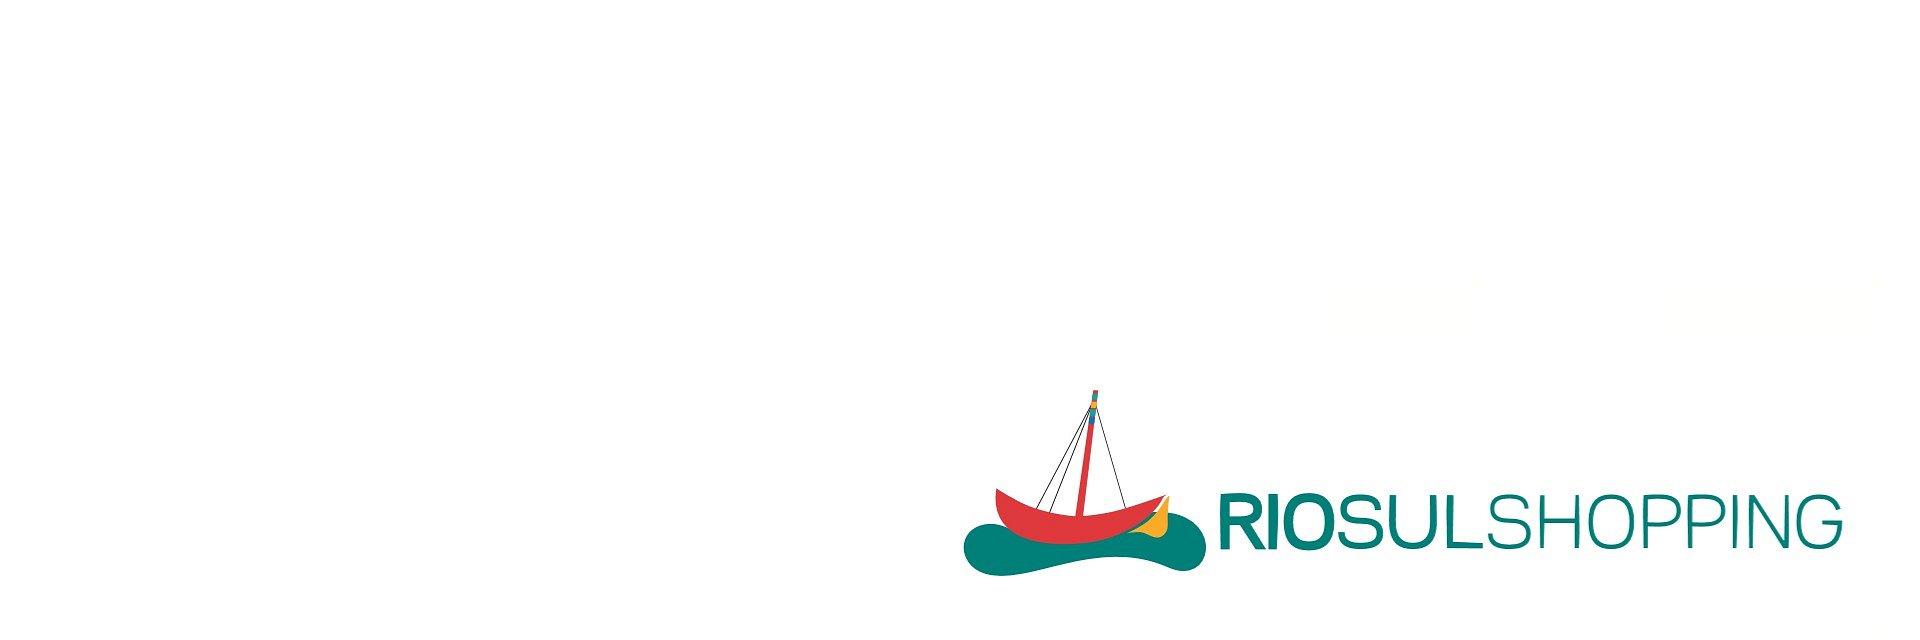 The Barber Company e Rio Ásia Food chegam ao RioSul Shopping